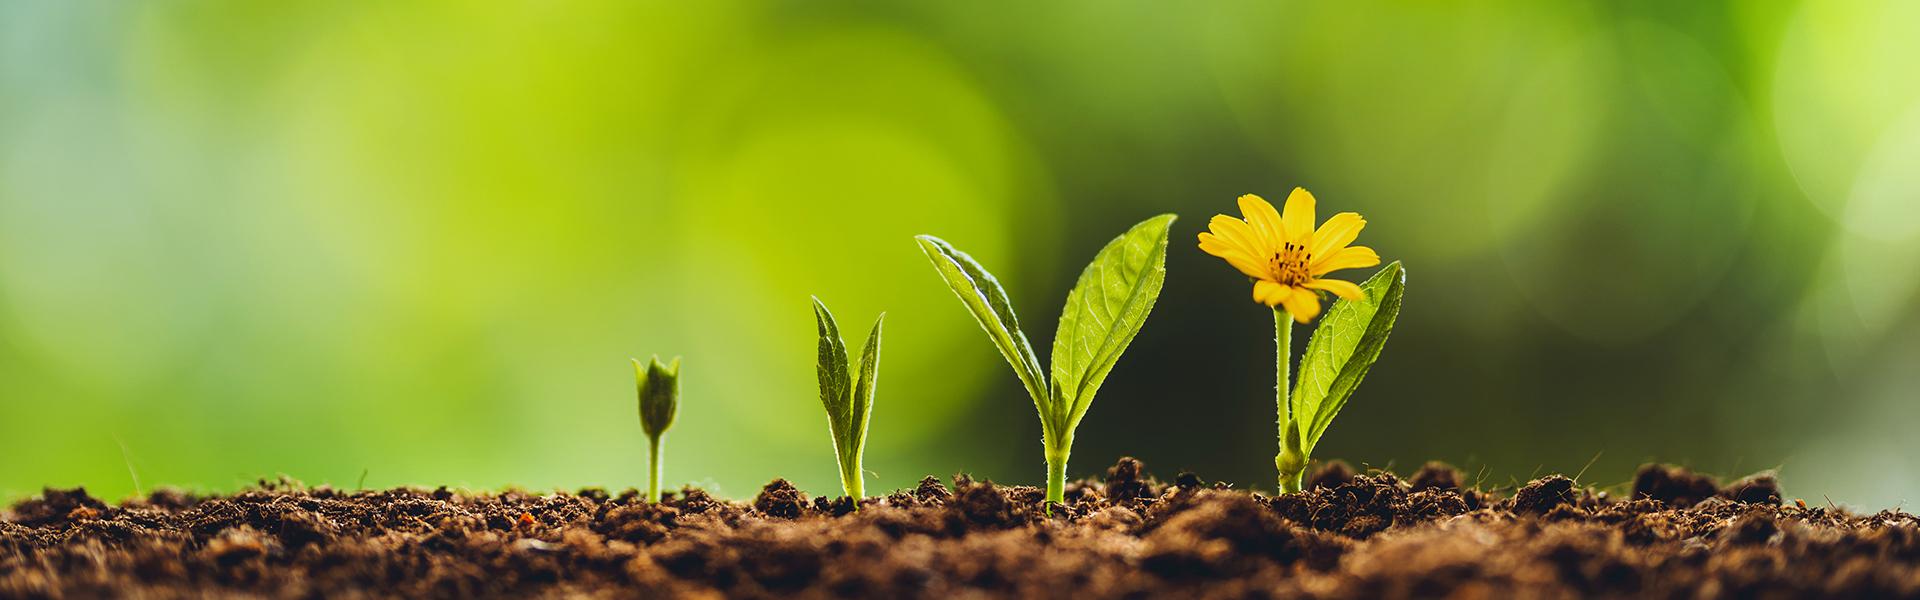 Le jardin pour une consommation plus responsable